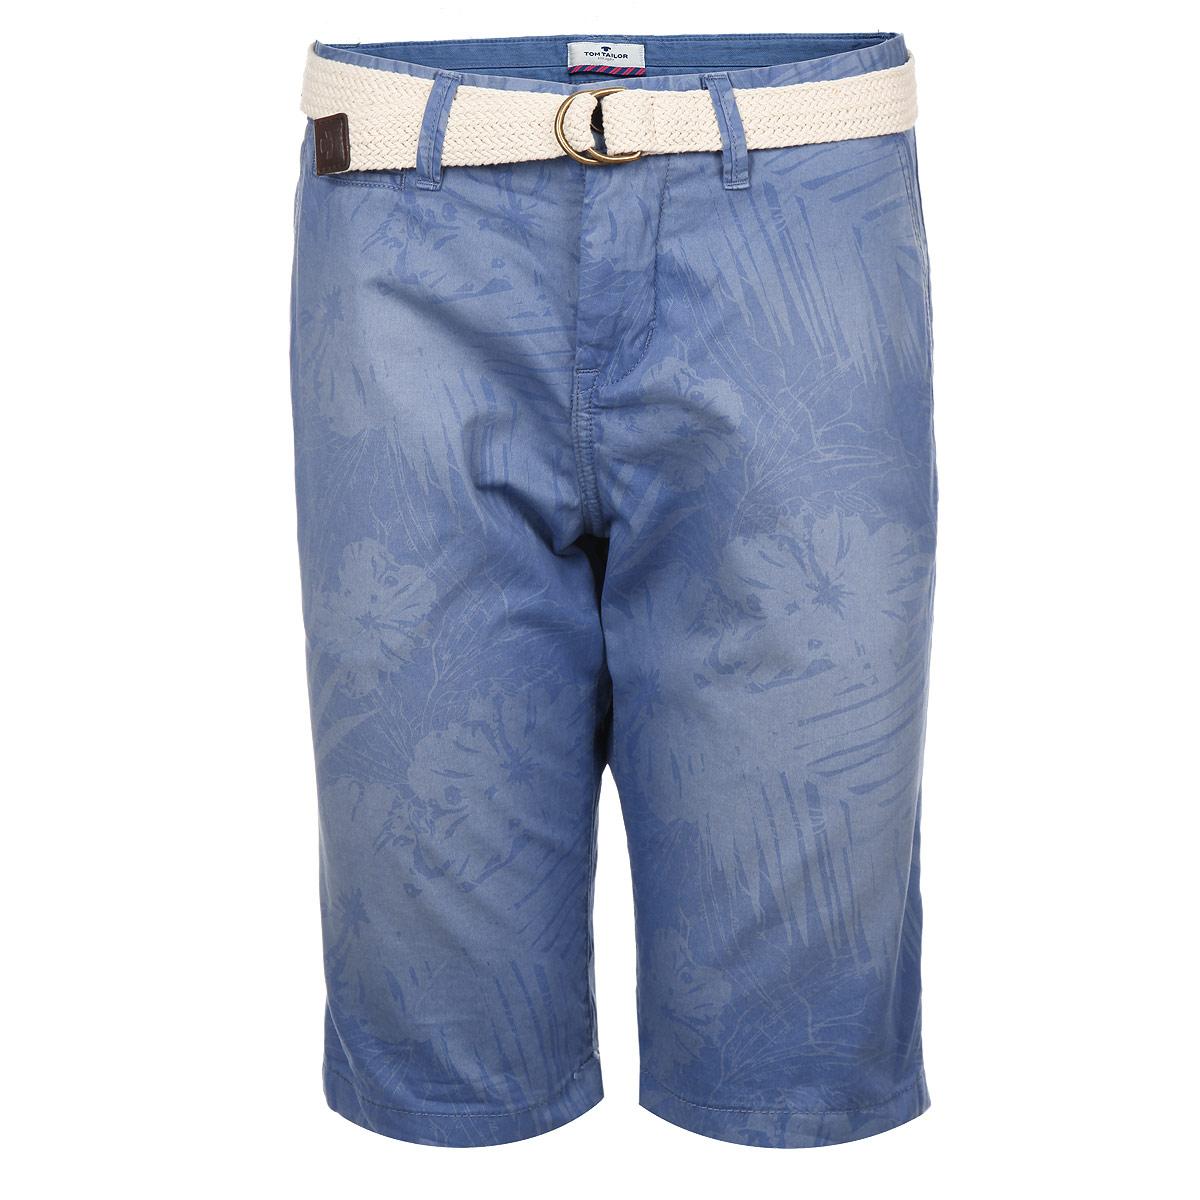 Шорты мужские. 6403265.62.106403265.62.10_6635Стильные мужские шорты Tom Tailor изготовлены из плотной хлопковой ткани, которая подарит вам максимальный комфорт и удобство в жаркую погоду. Модель прямого покроя застегивается на пуговицу в поясе и ширинку на молнии, предусмотрены шлевки для ремня. Спереди шорты дополнены двумя втачными карманами с косыми срезами и одним небольшим секретным кармашком, сзади - два прорезных кармана. Шорты оформлены цветочным принтом. Модель удачно дополняет плетеный из трикотажного шнура ремень с металлической пряжкой. Стильные мужские шорты - удобный и практичный элемент летнего гардероба.